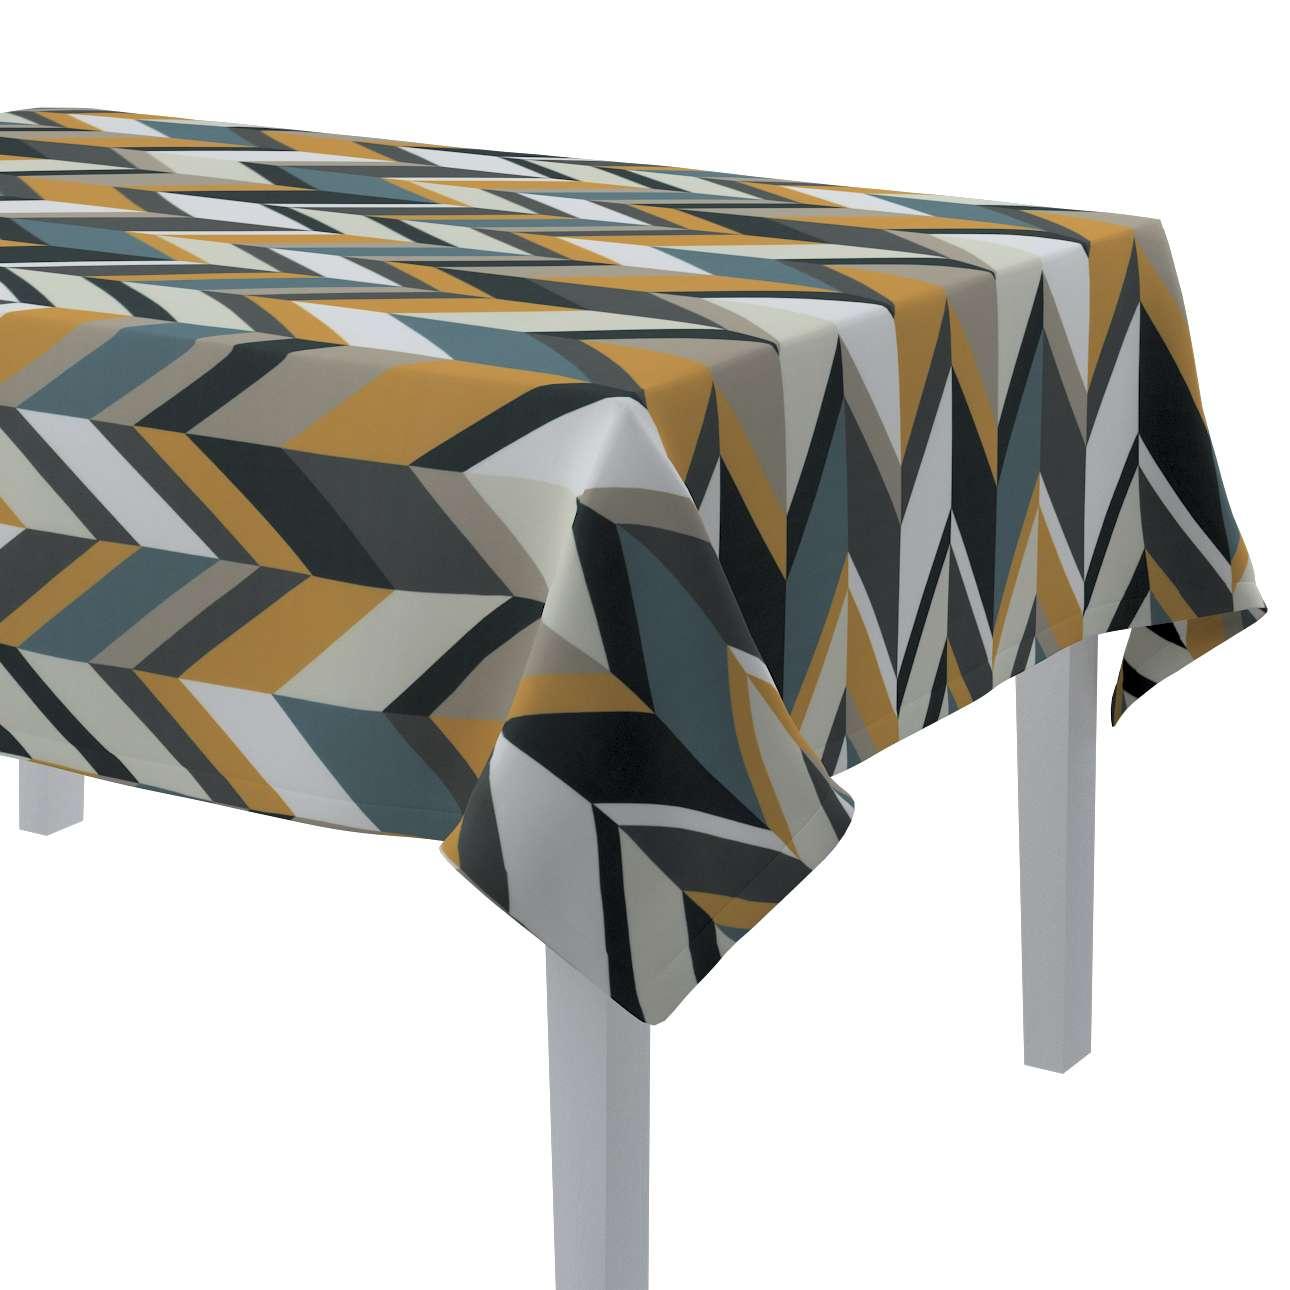 Rektangulære borddug fra kollektionen Vintage 70's, Stof: 143-56